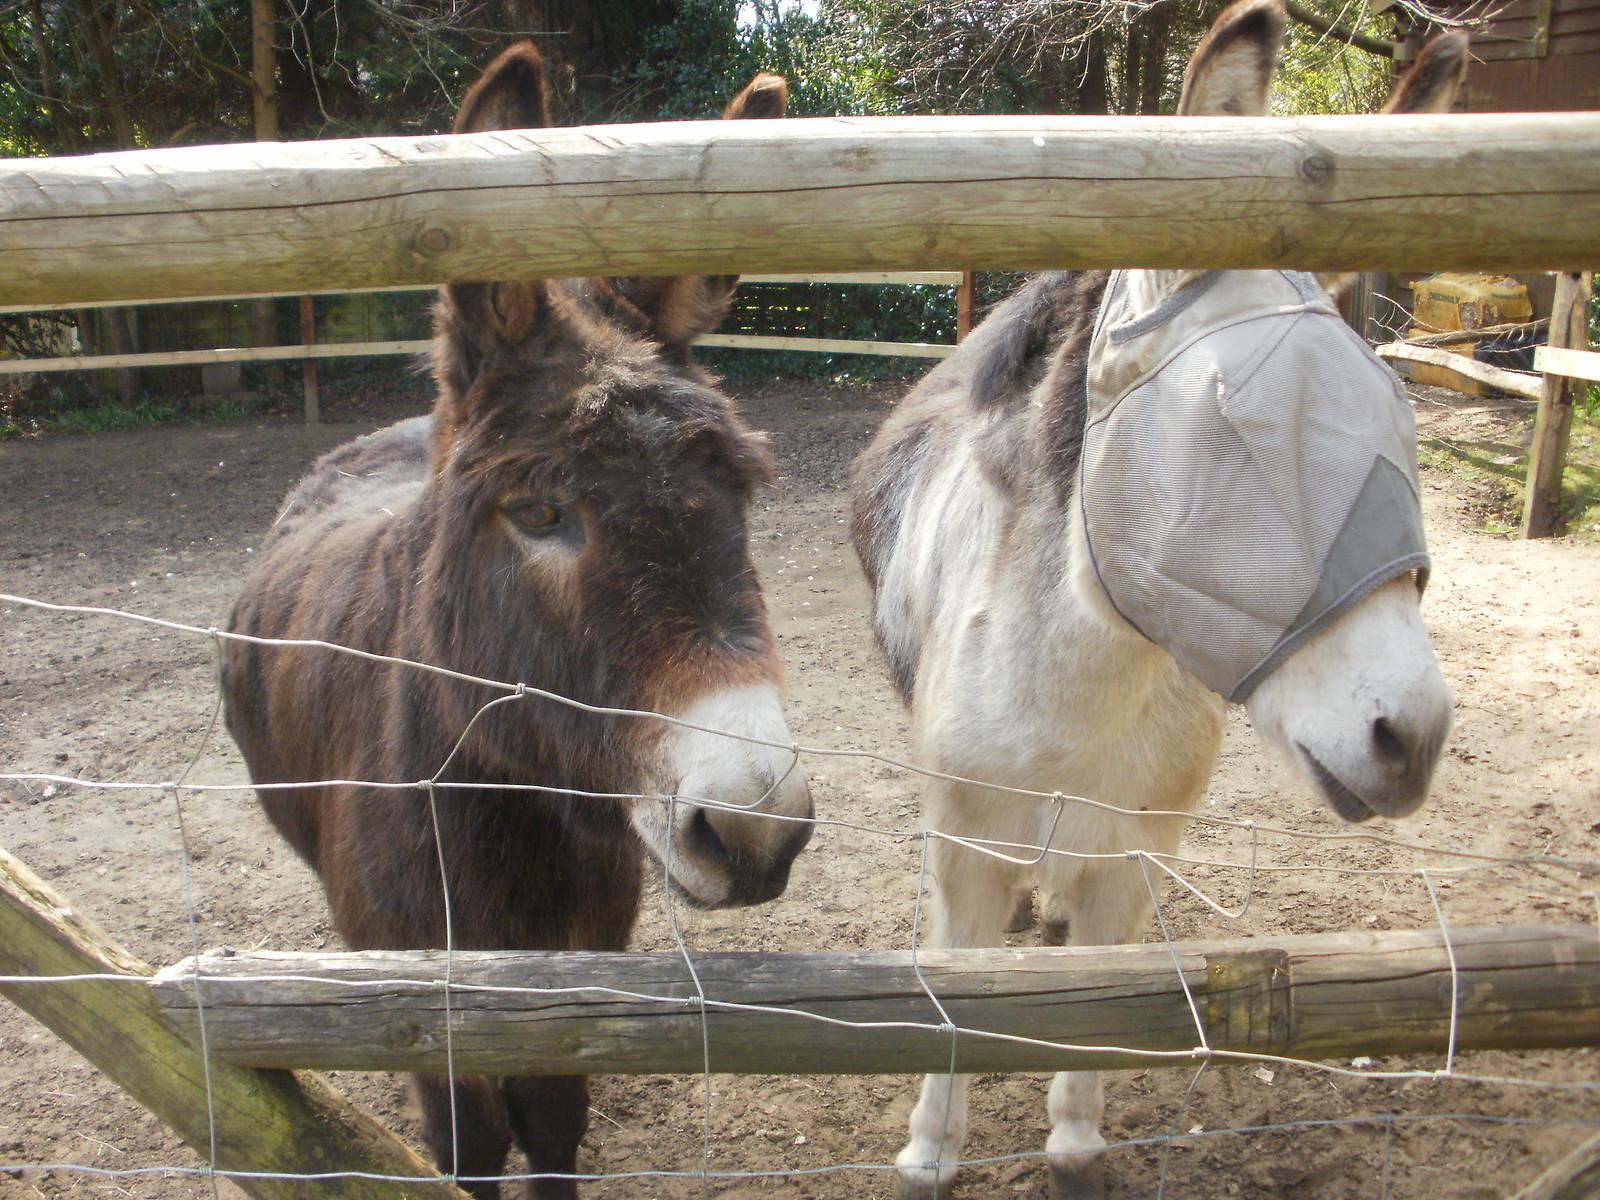 Donkeys at the Donkey pub OLYMPUS DIGITAL CAMERA